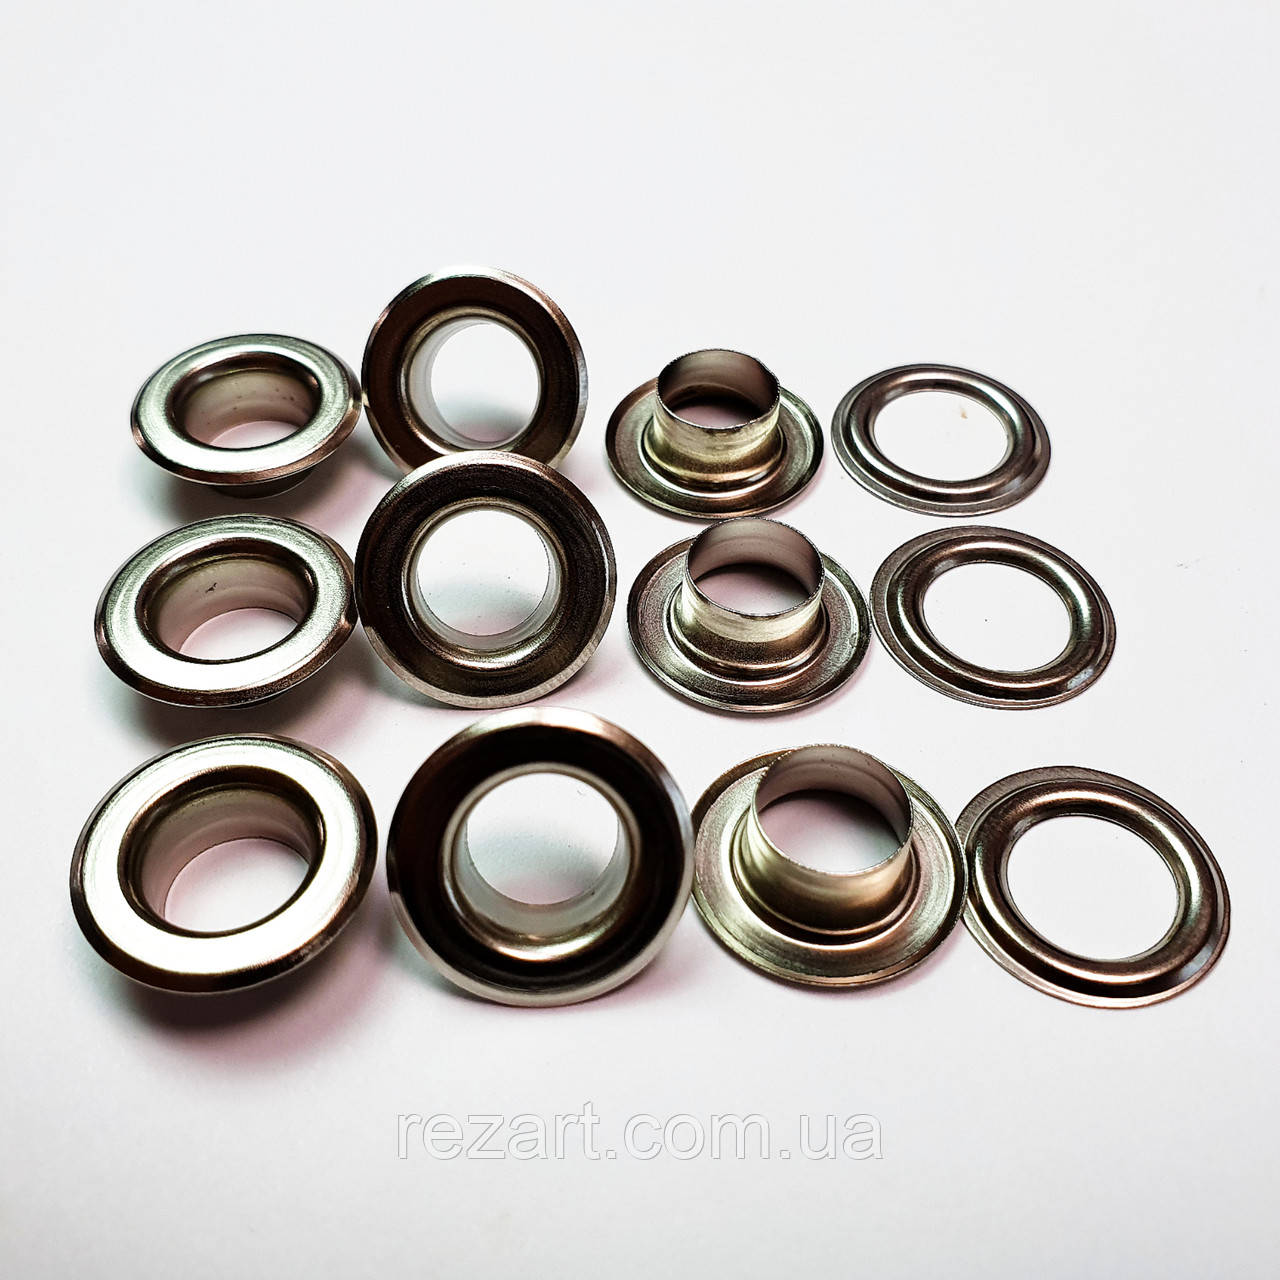 Люверсы для трикотажа 10мм (№24) Серебристый никель, Турция (50шт)